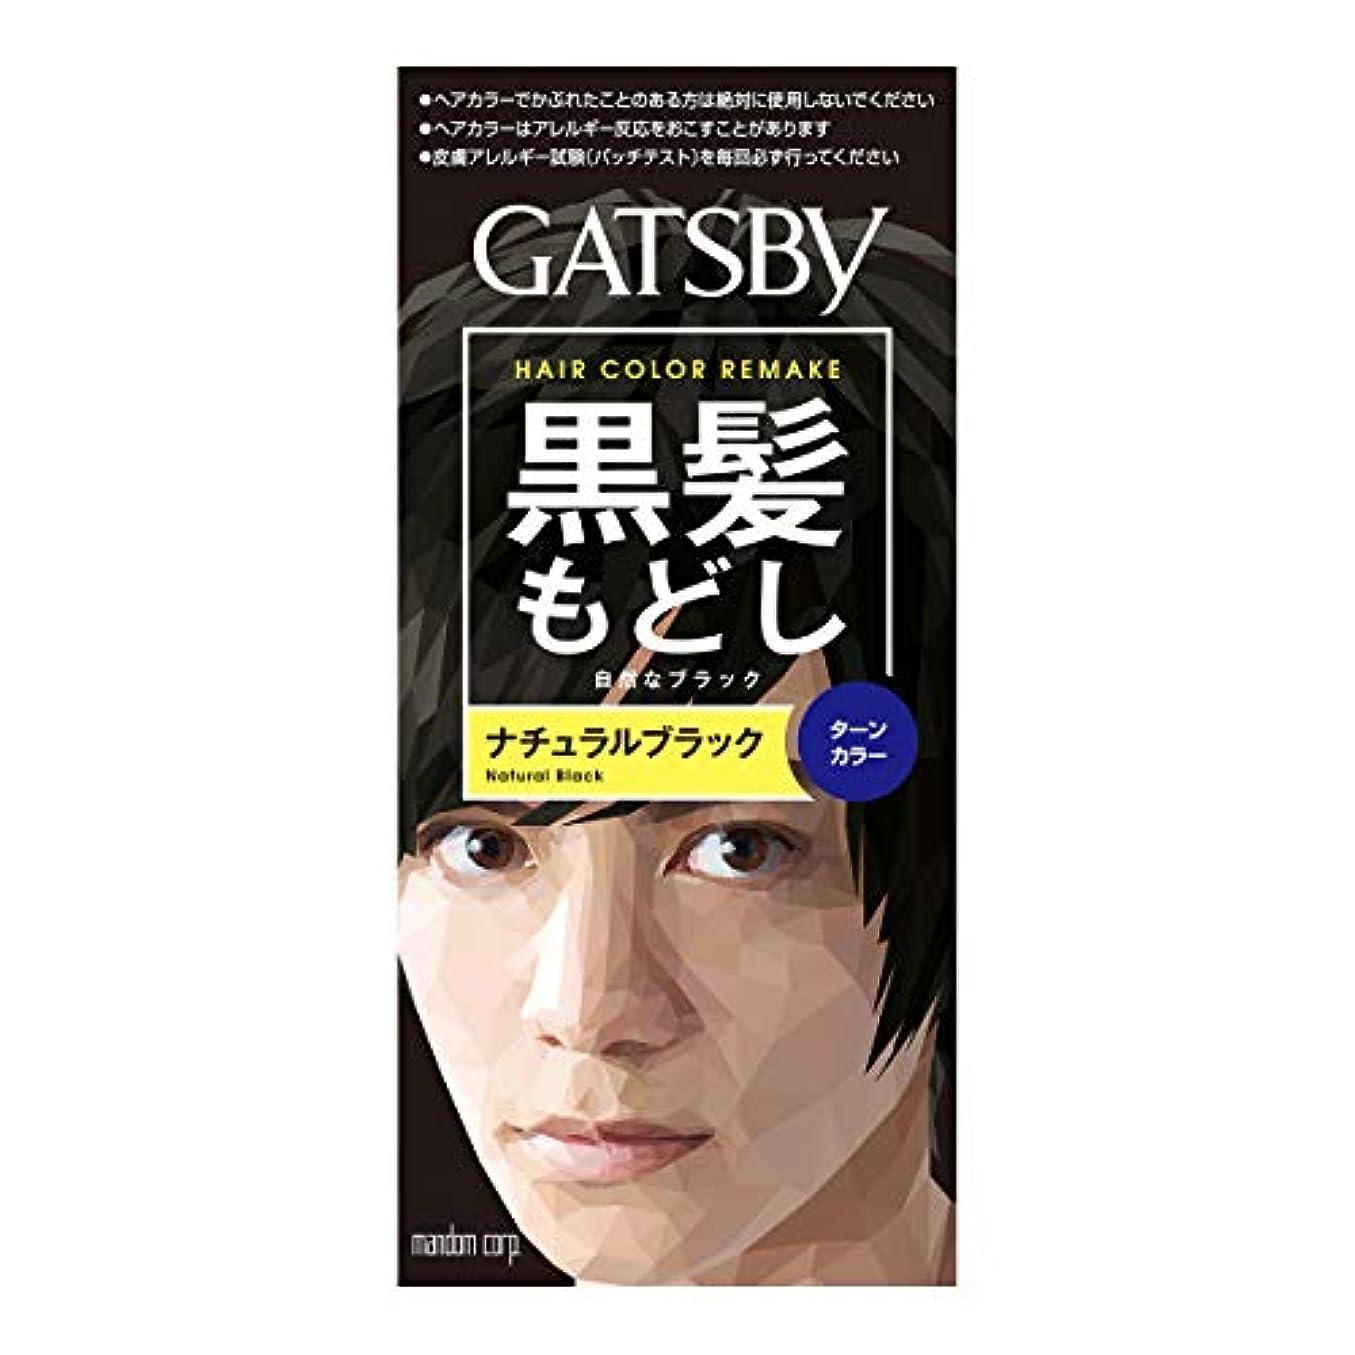 咳音楽力学GATSBY(ギャツビー) ターンカラー ナチュラルブラック 1剤35g 2剤70mL (医薬部外品)